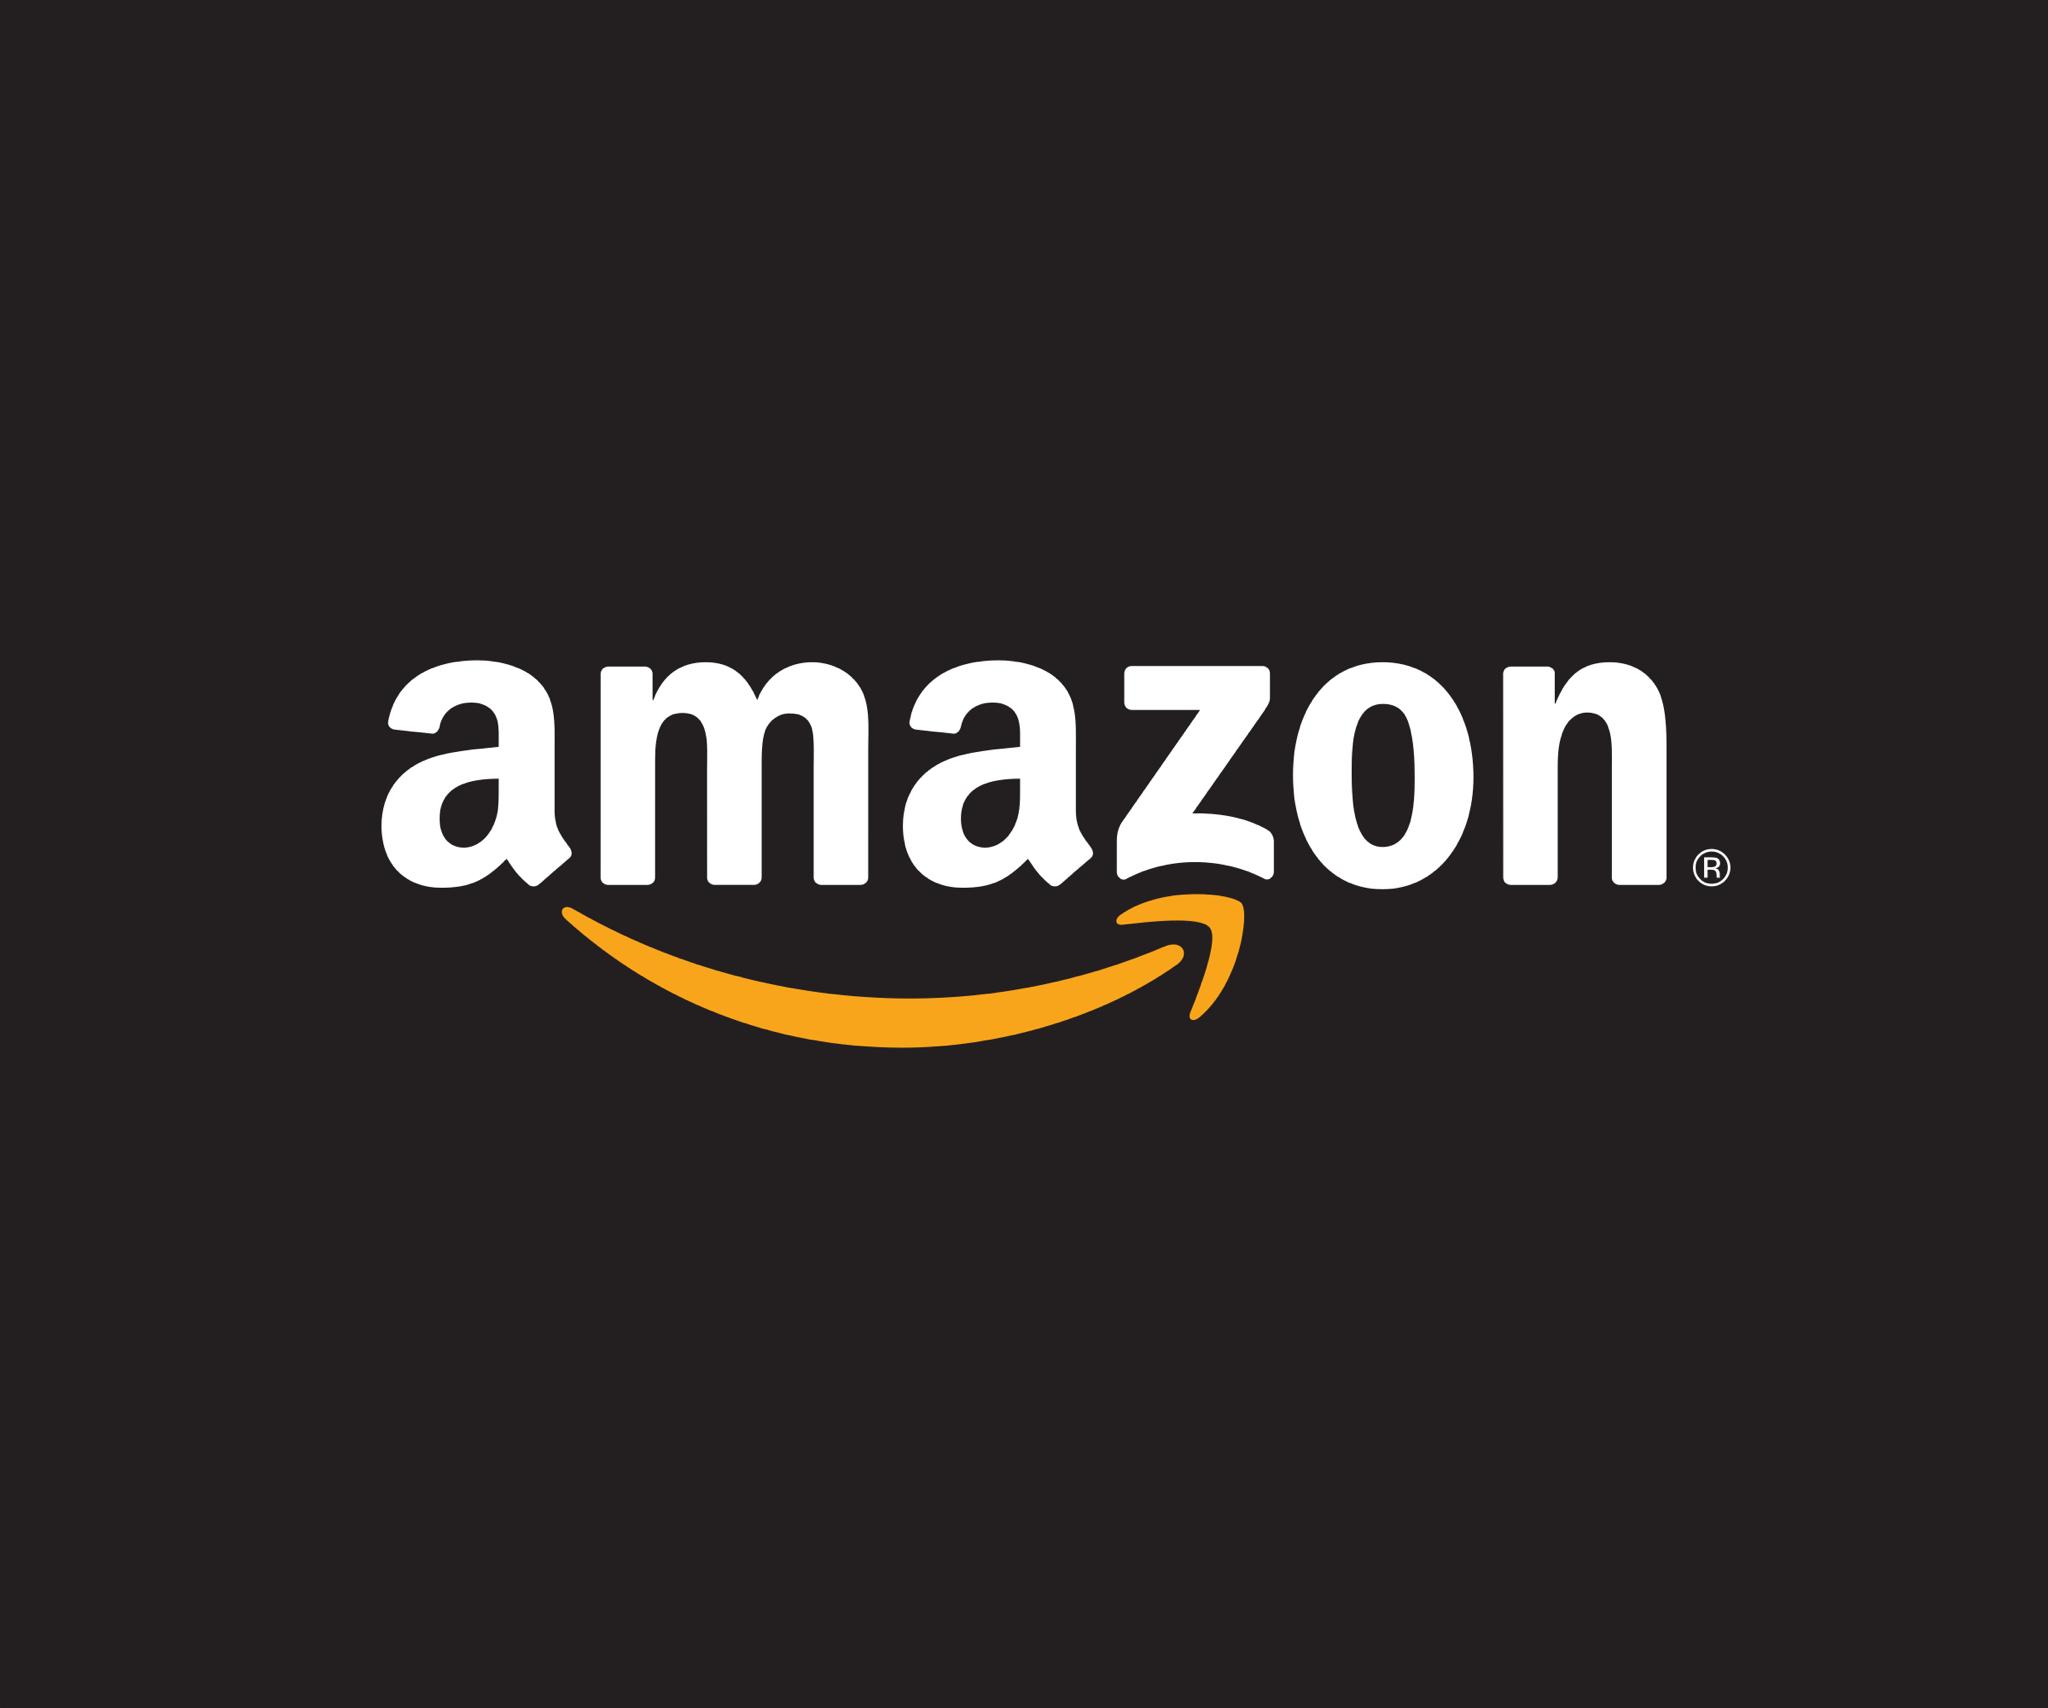 [INSTANT] $1.00 Amazon